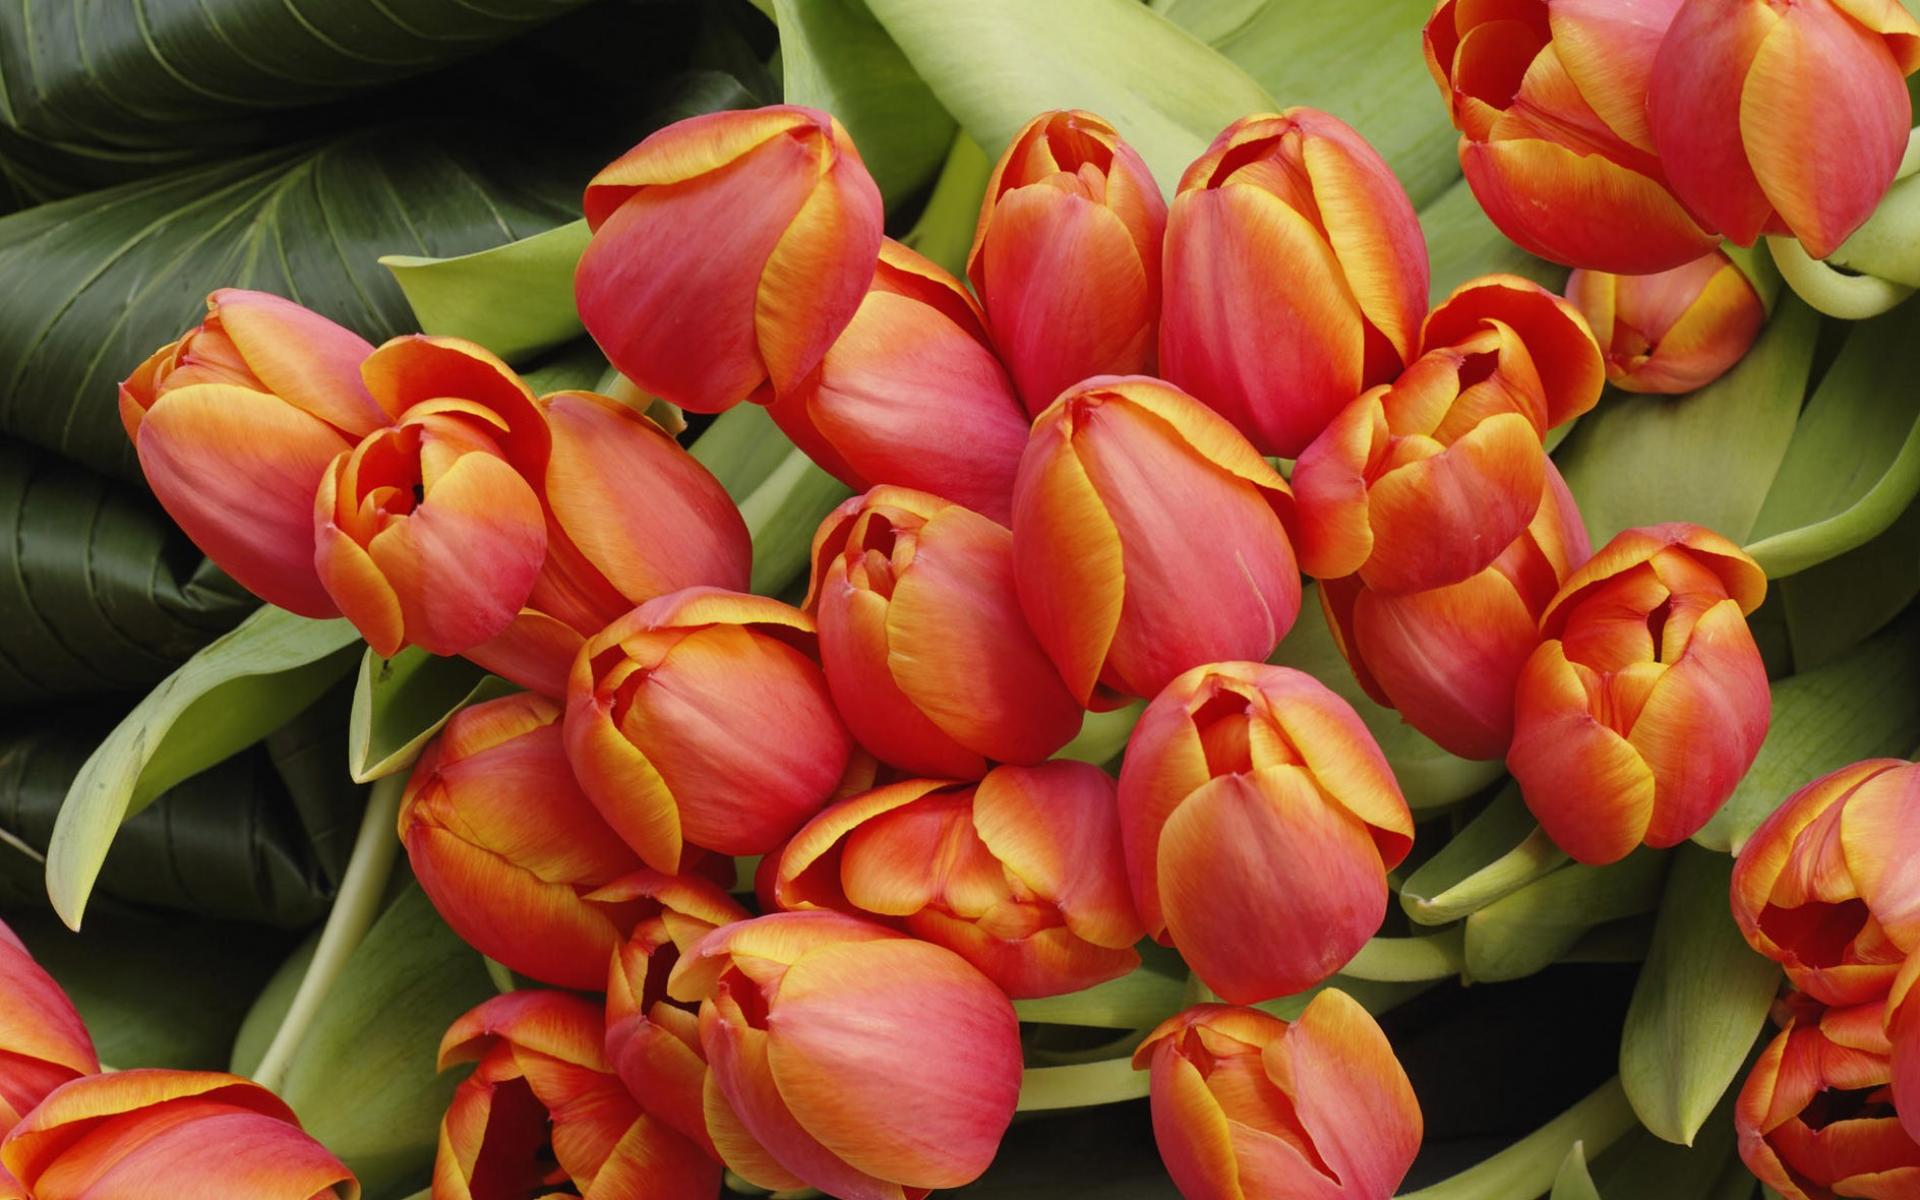 Скачать обои тюльпаны 1920x1200